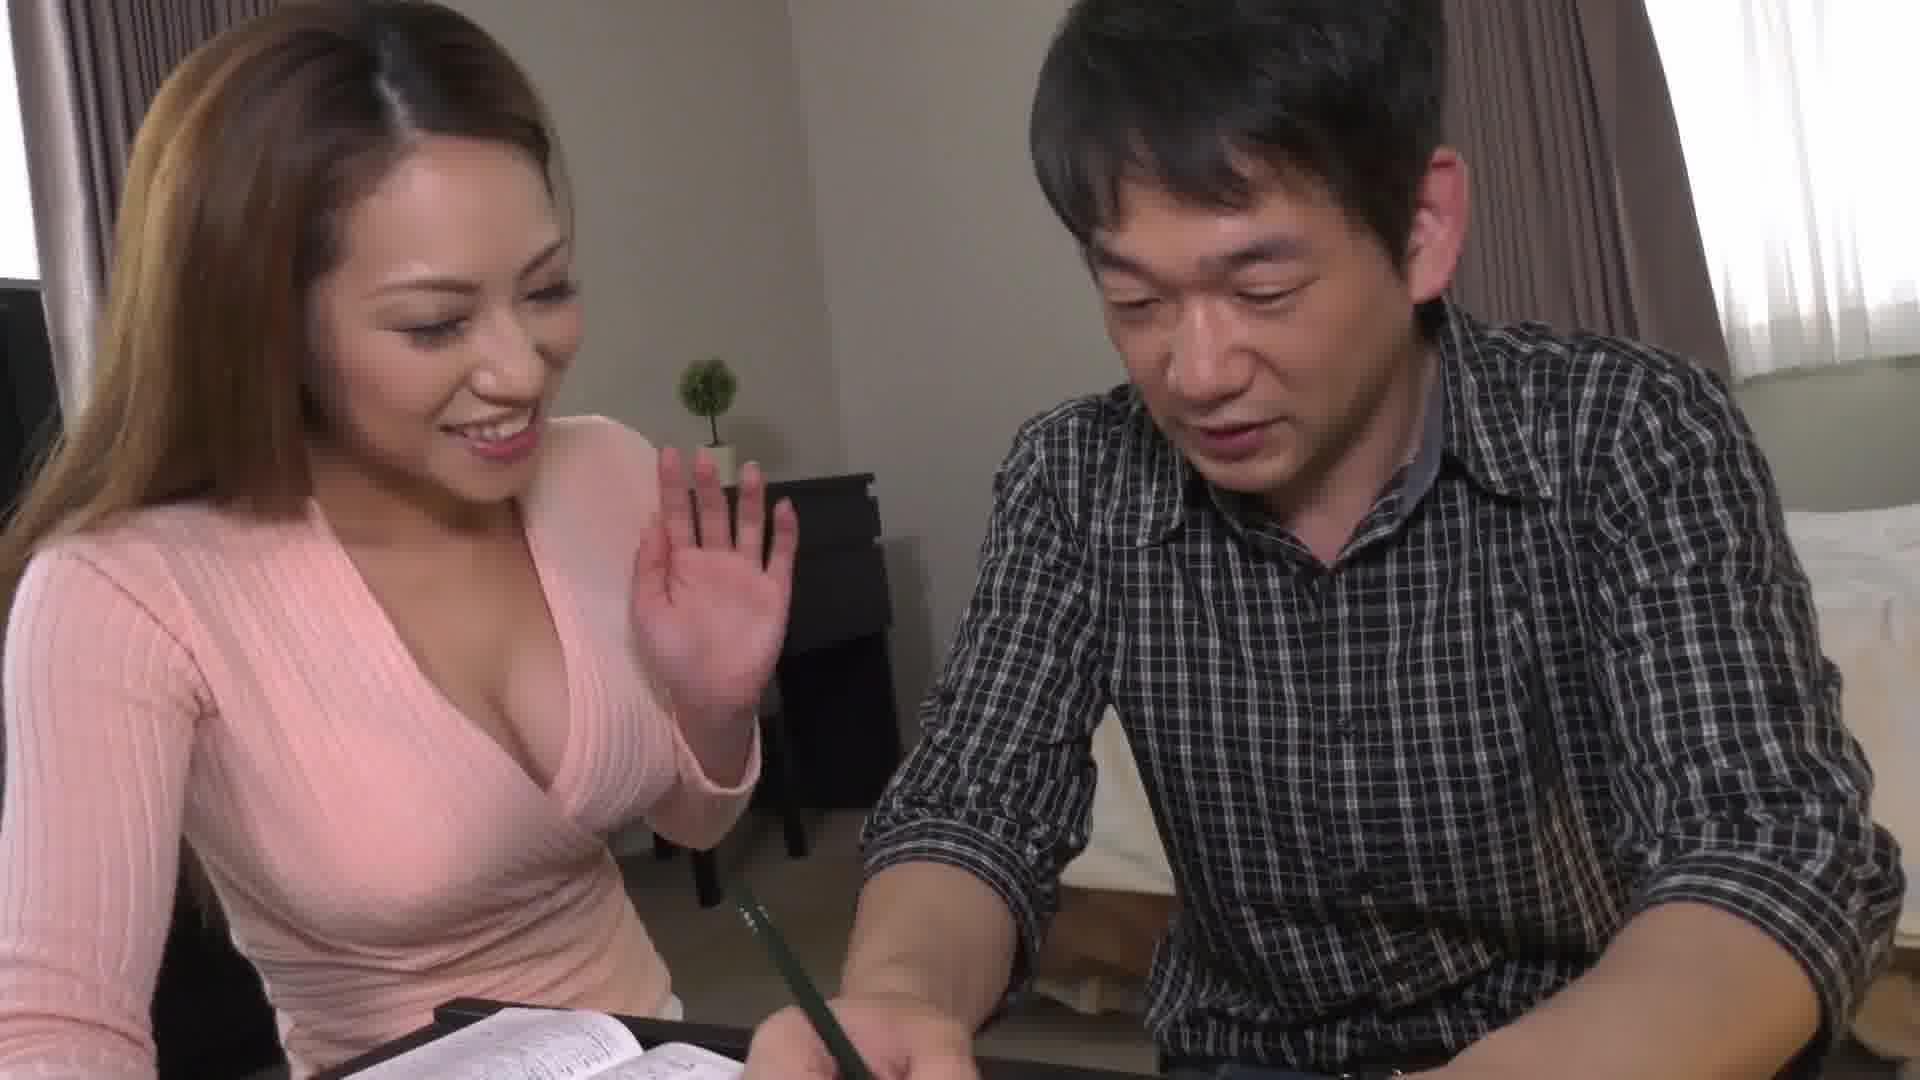 ワーキングおっぱい過失乳 ~家庭教師編~ - 北山かんな【巨乳・スレンダー・中出し】